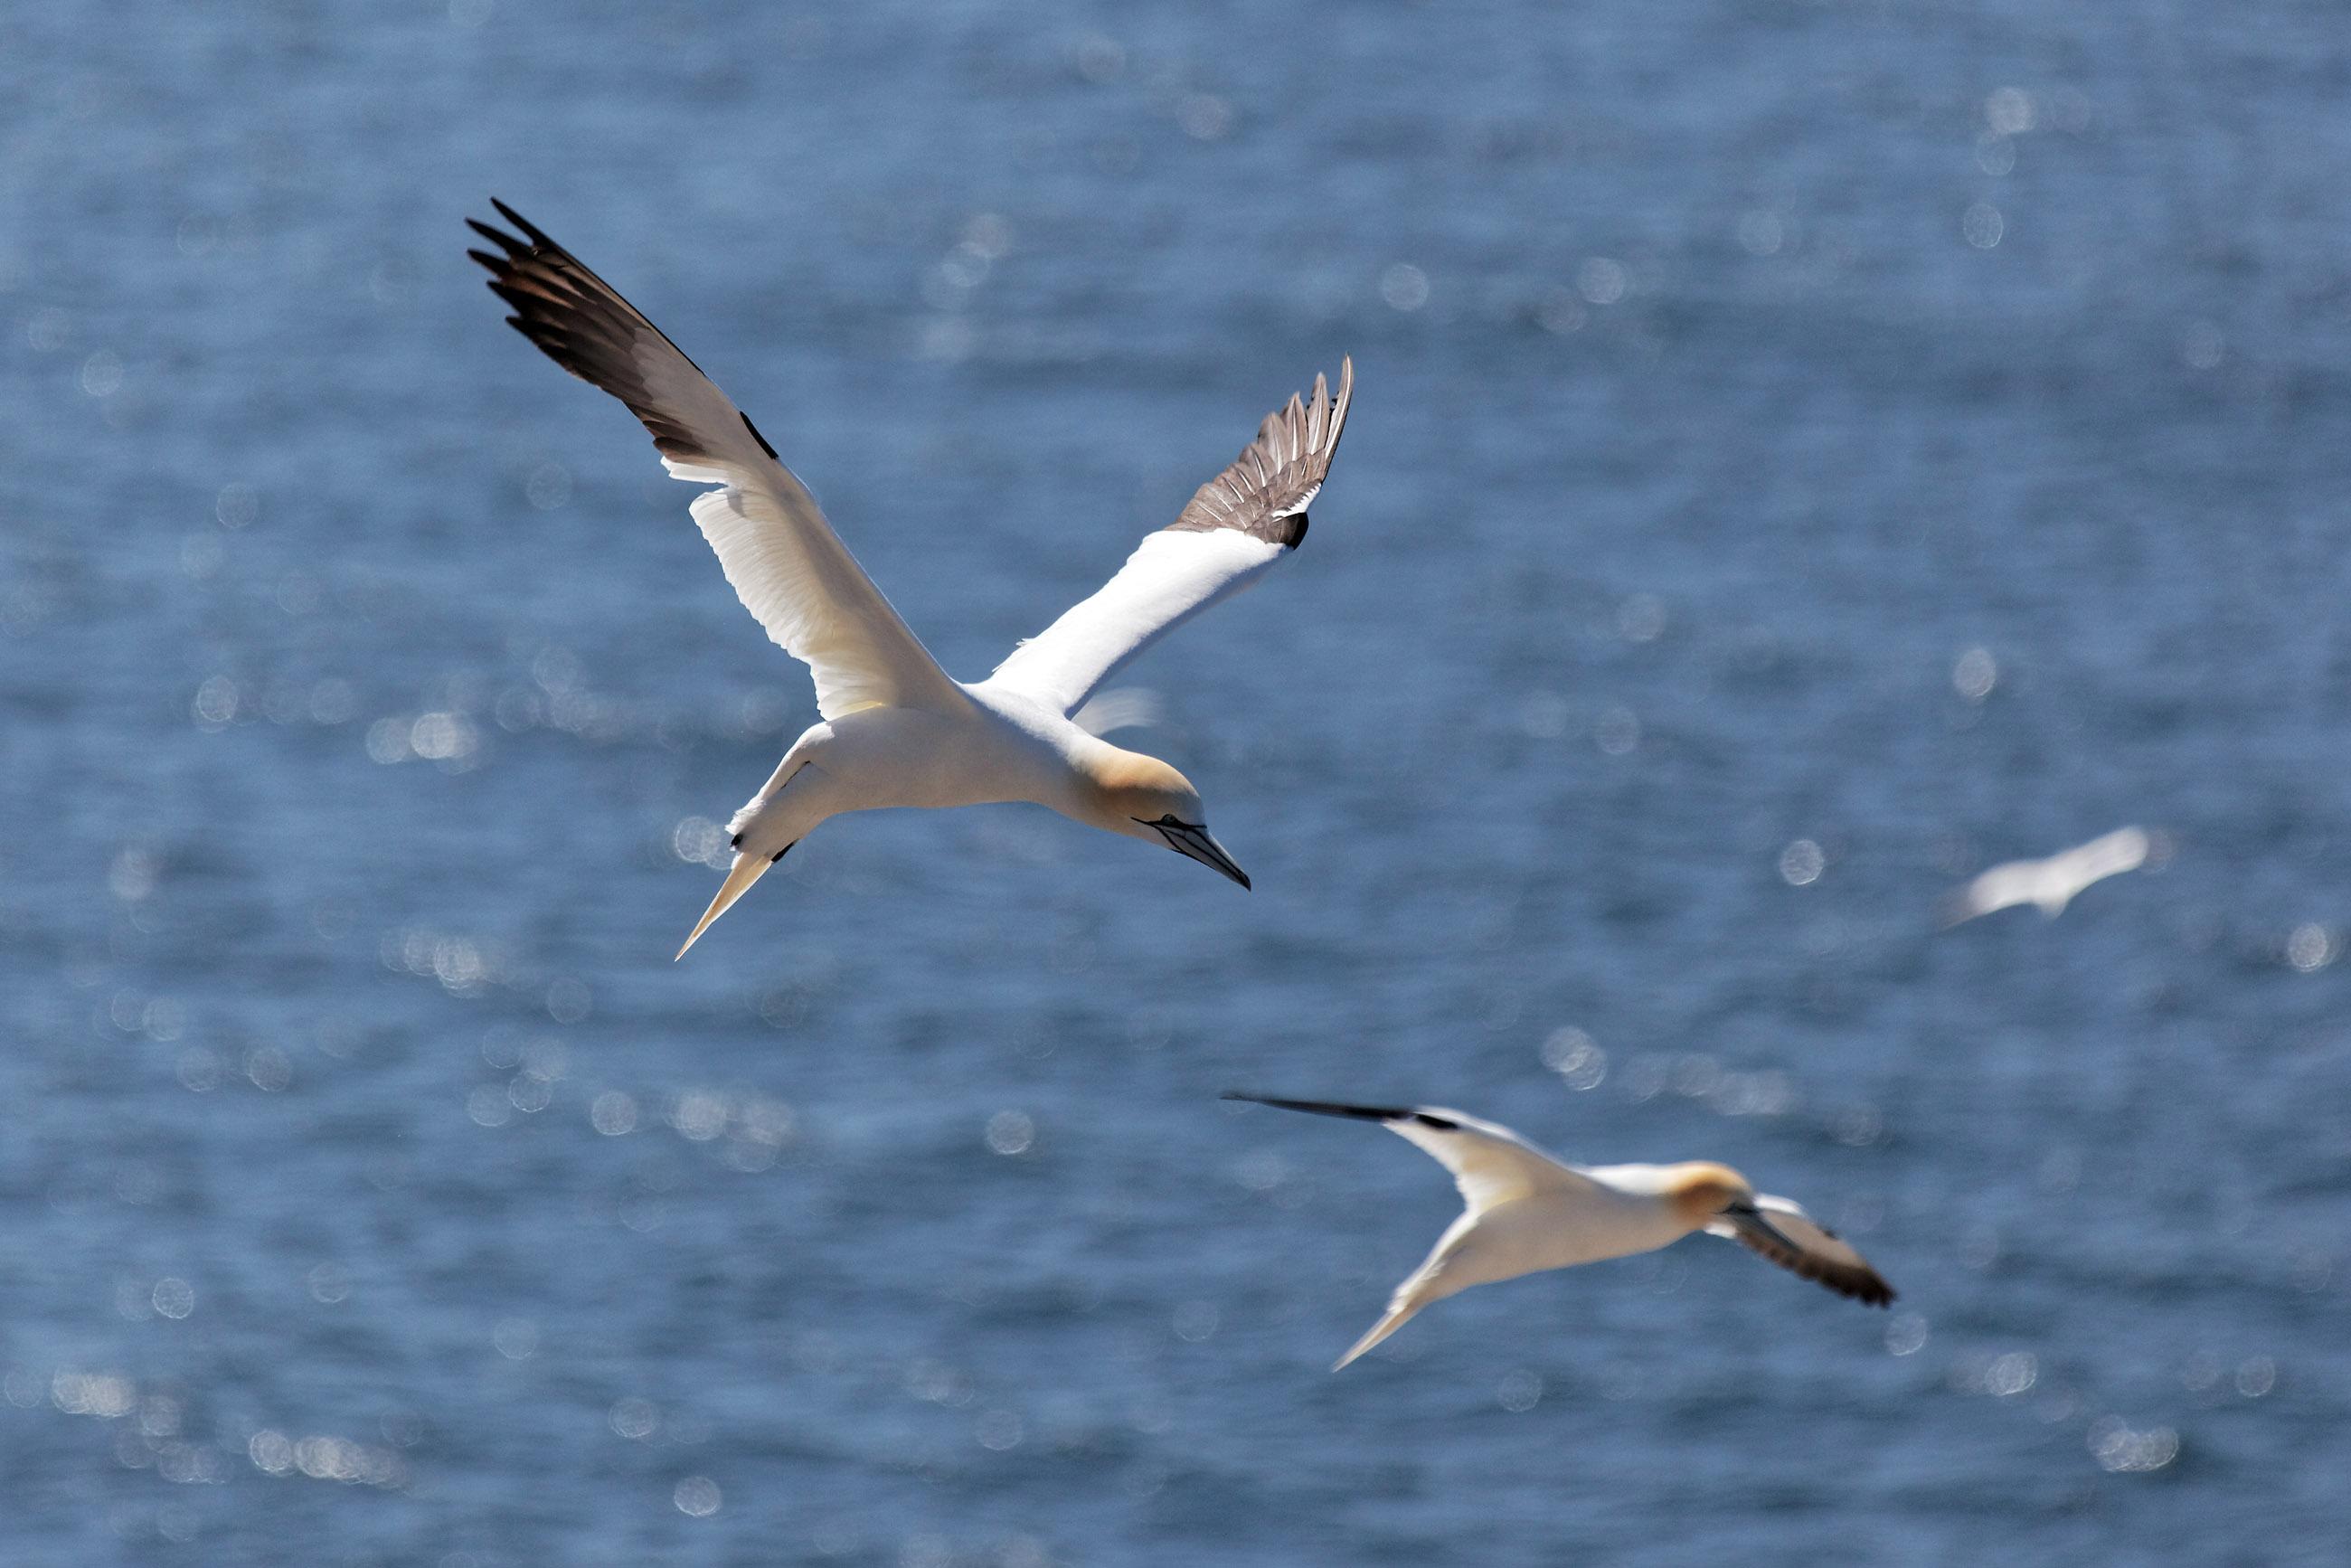 Northern gannet photo